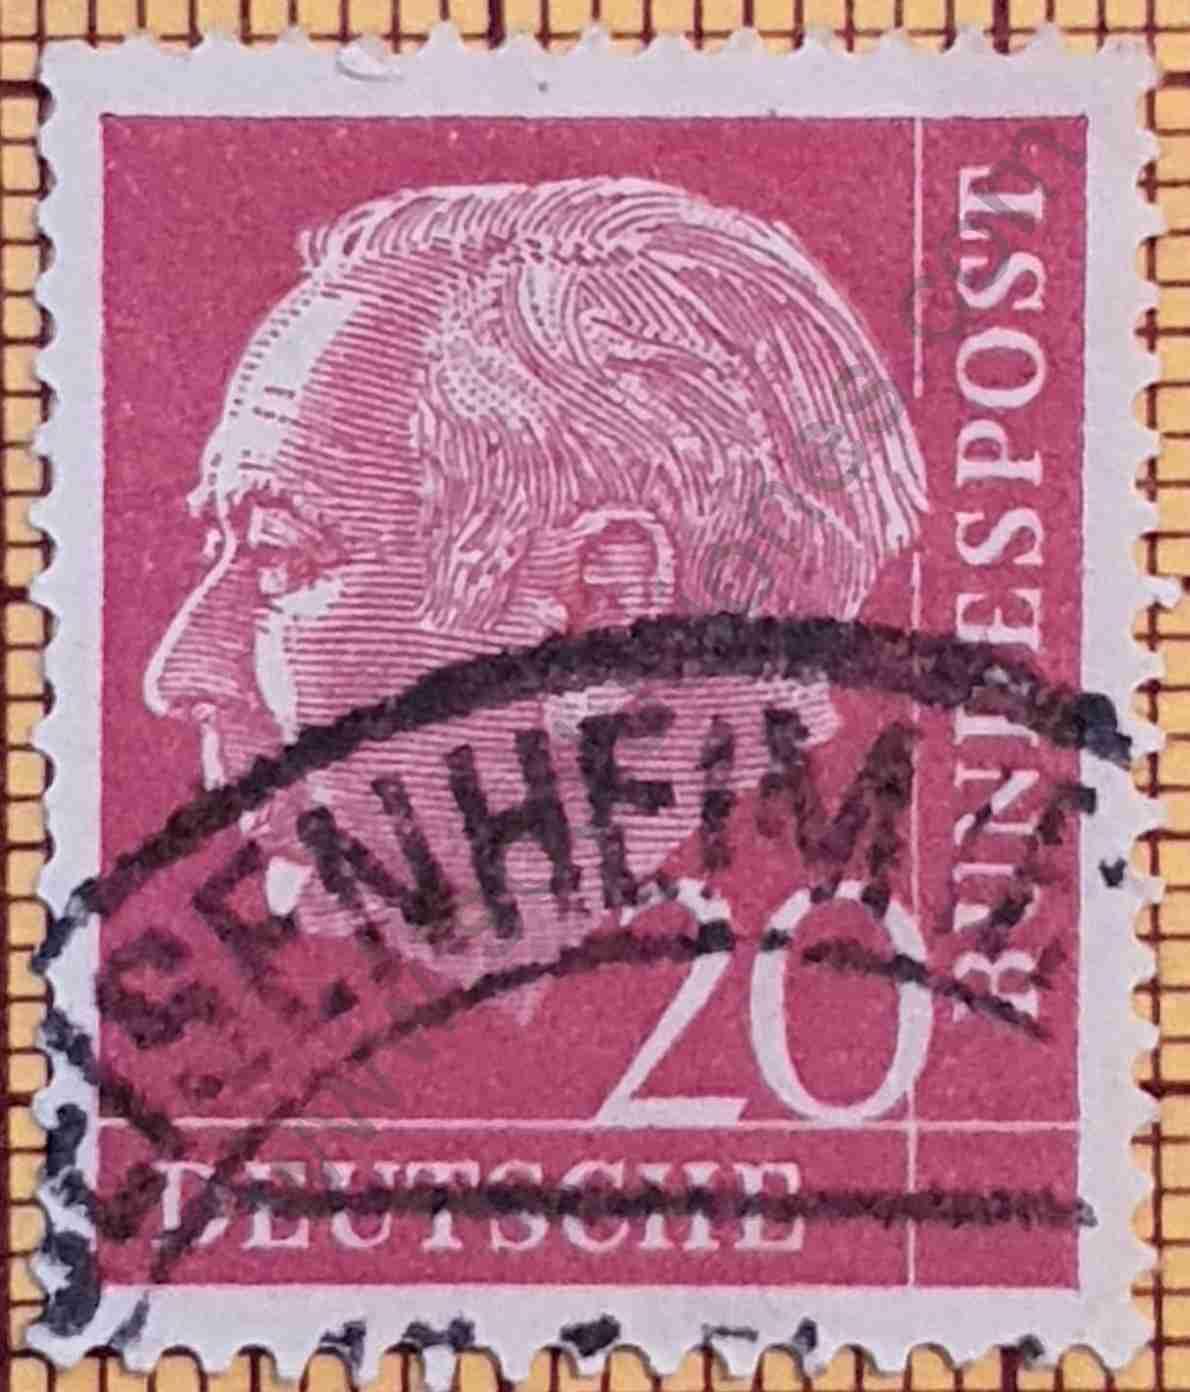 Theodore Heuss 20Pf - Sello de Alemania 1954